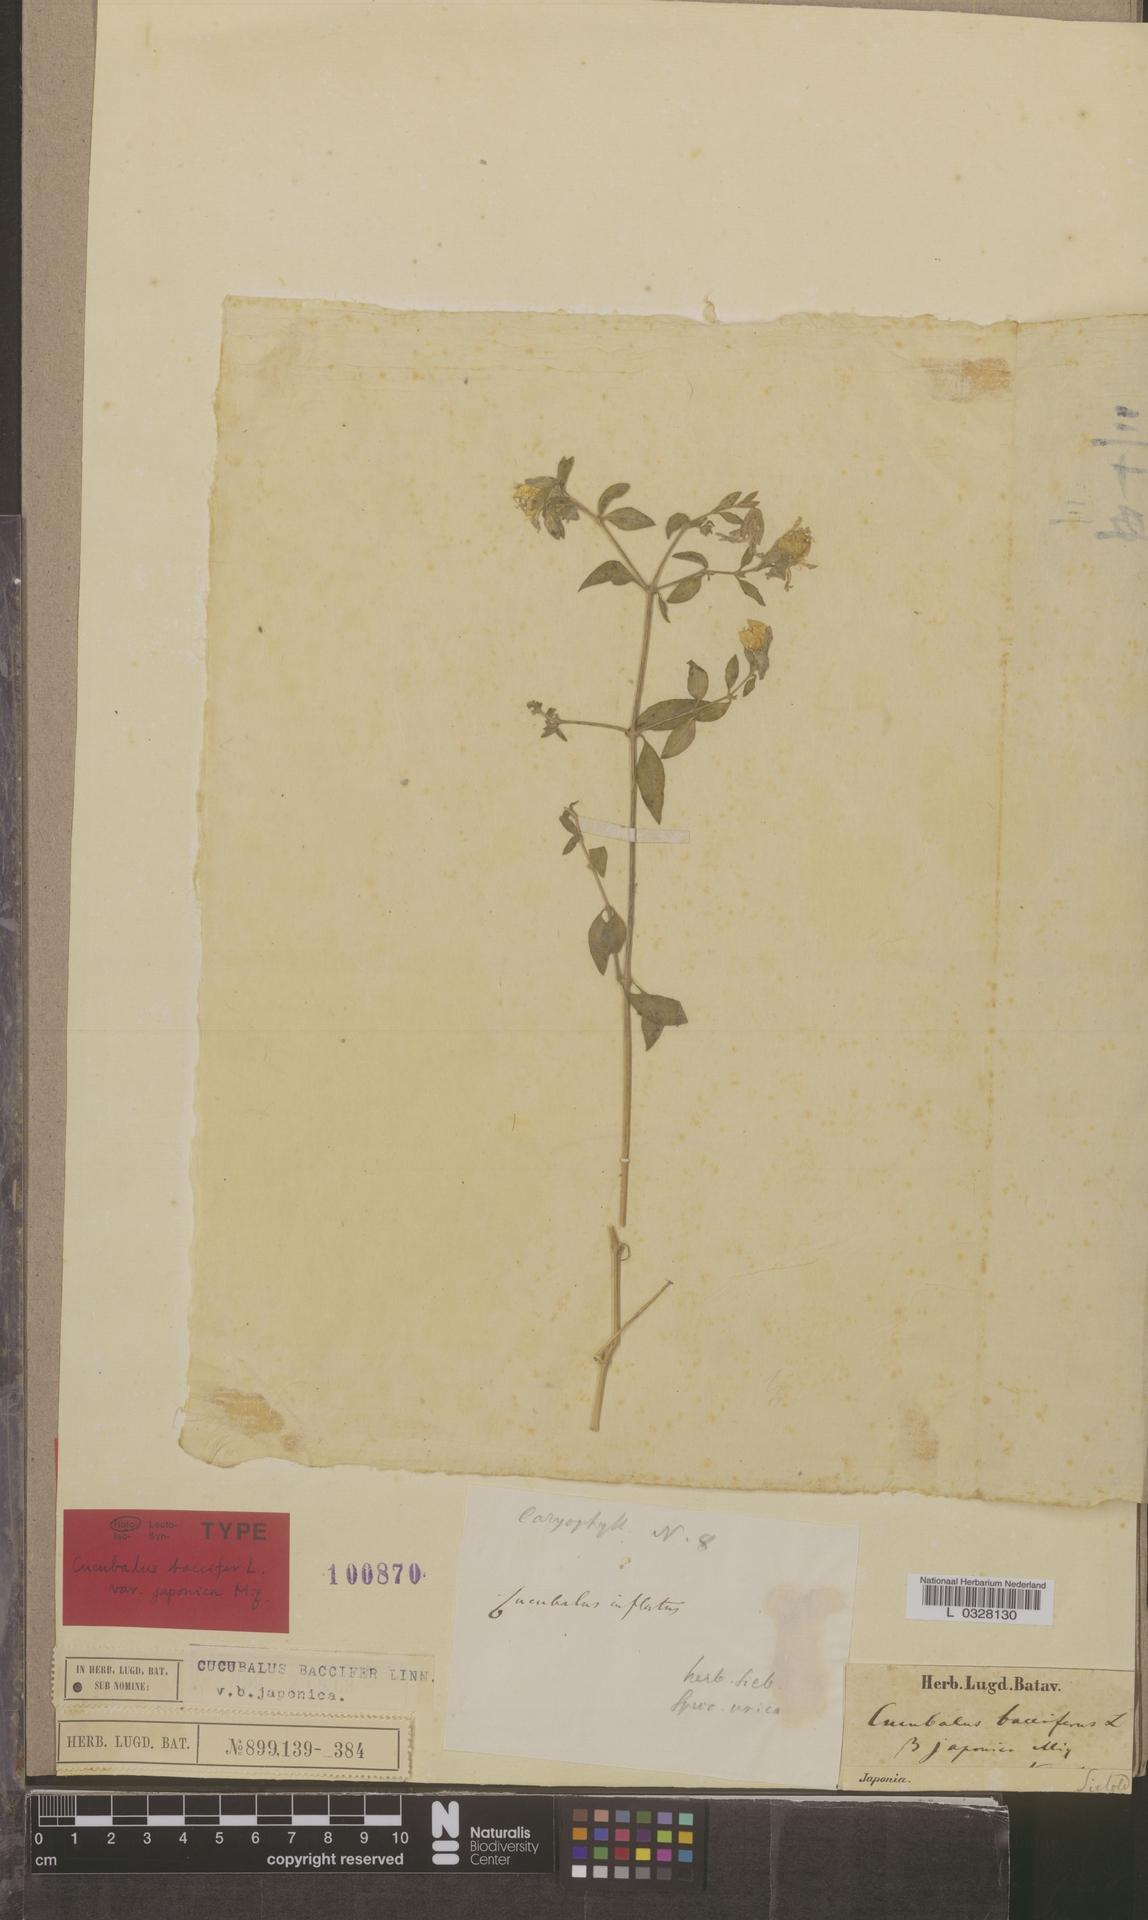 L  0328130 | Cucubalus baccifer var. japonica Miq.